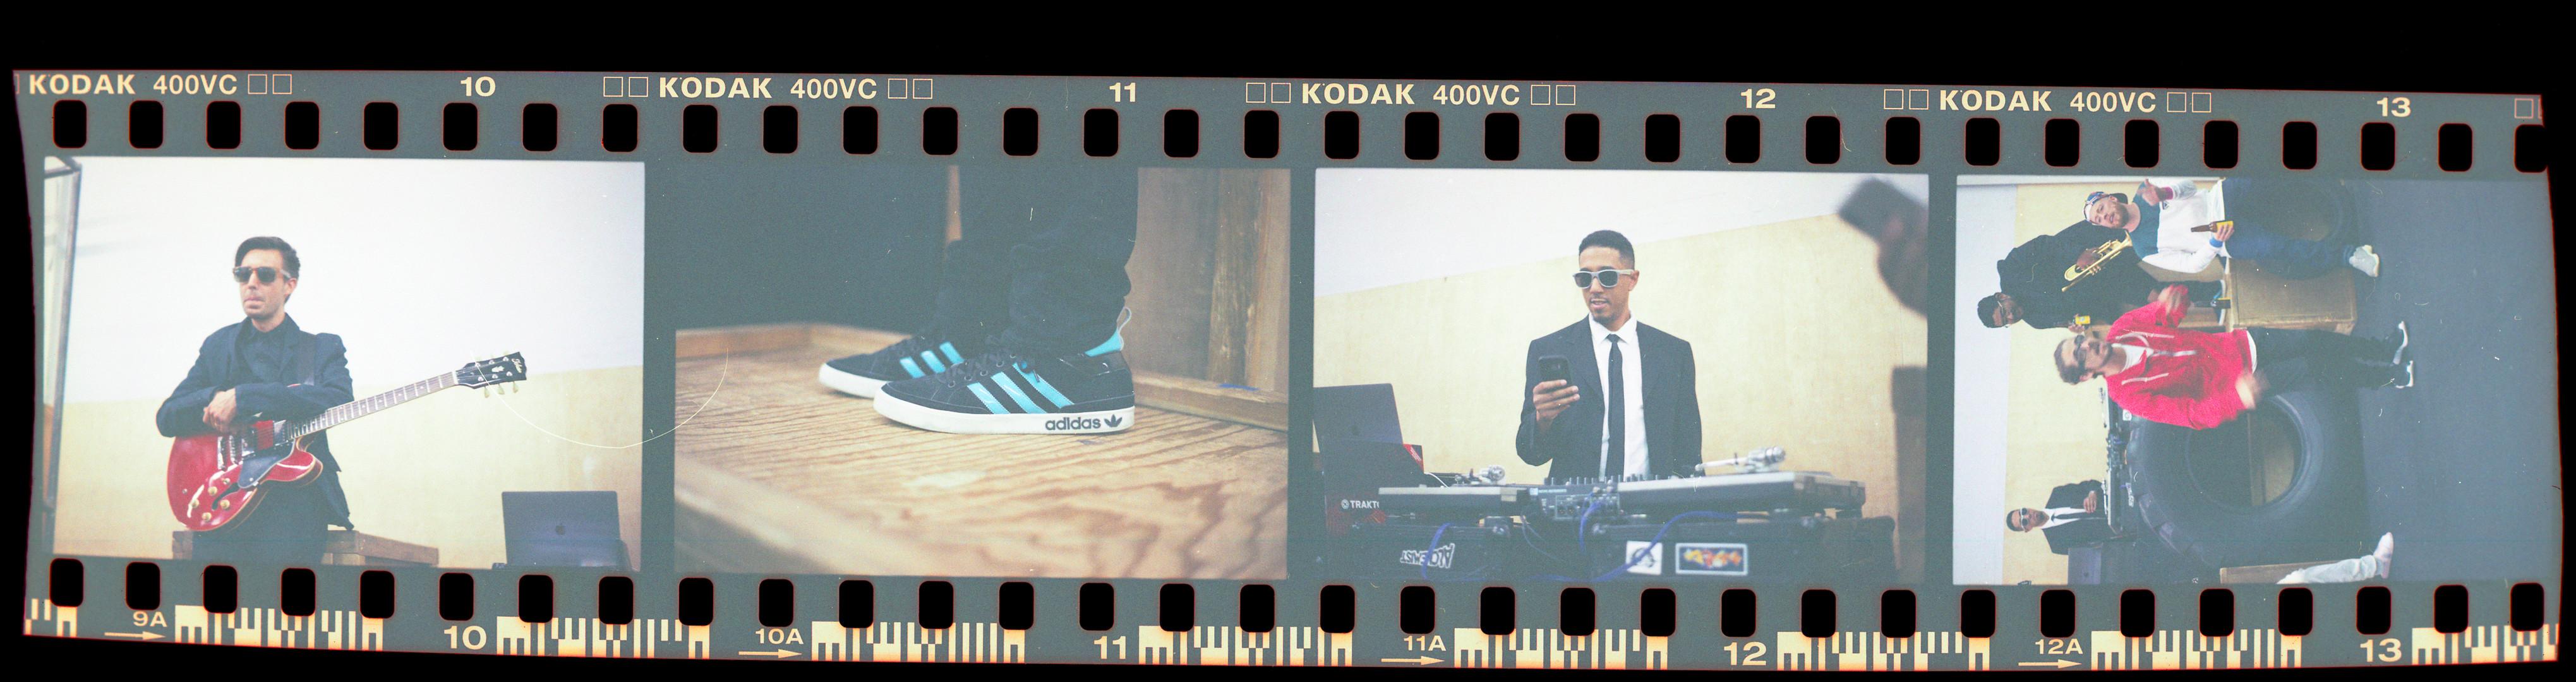 FedRezFilm-9.jpg